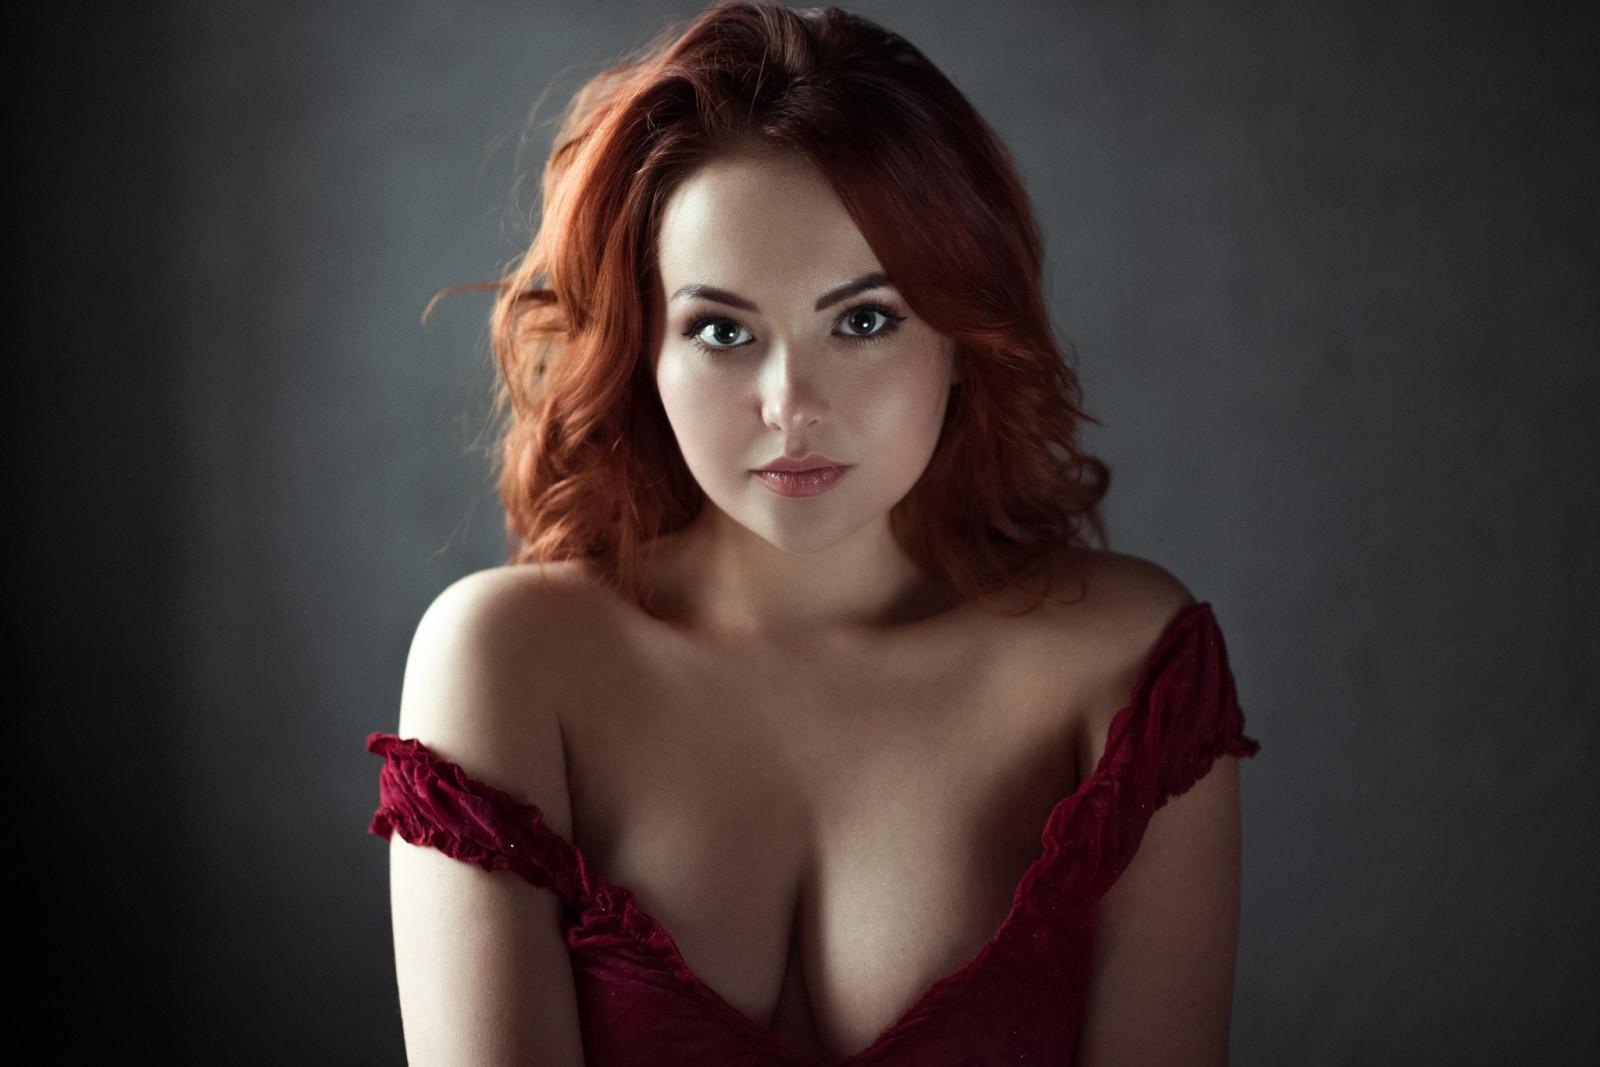 Рыжая с большими глазами и грудью, онлайн порно девка охренела от его размера